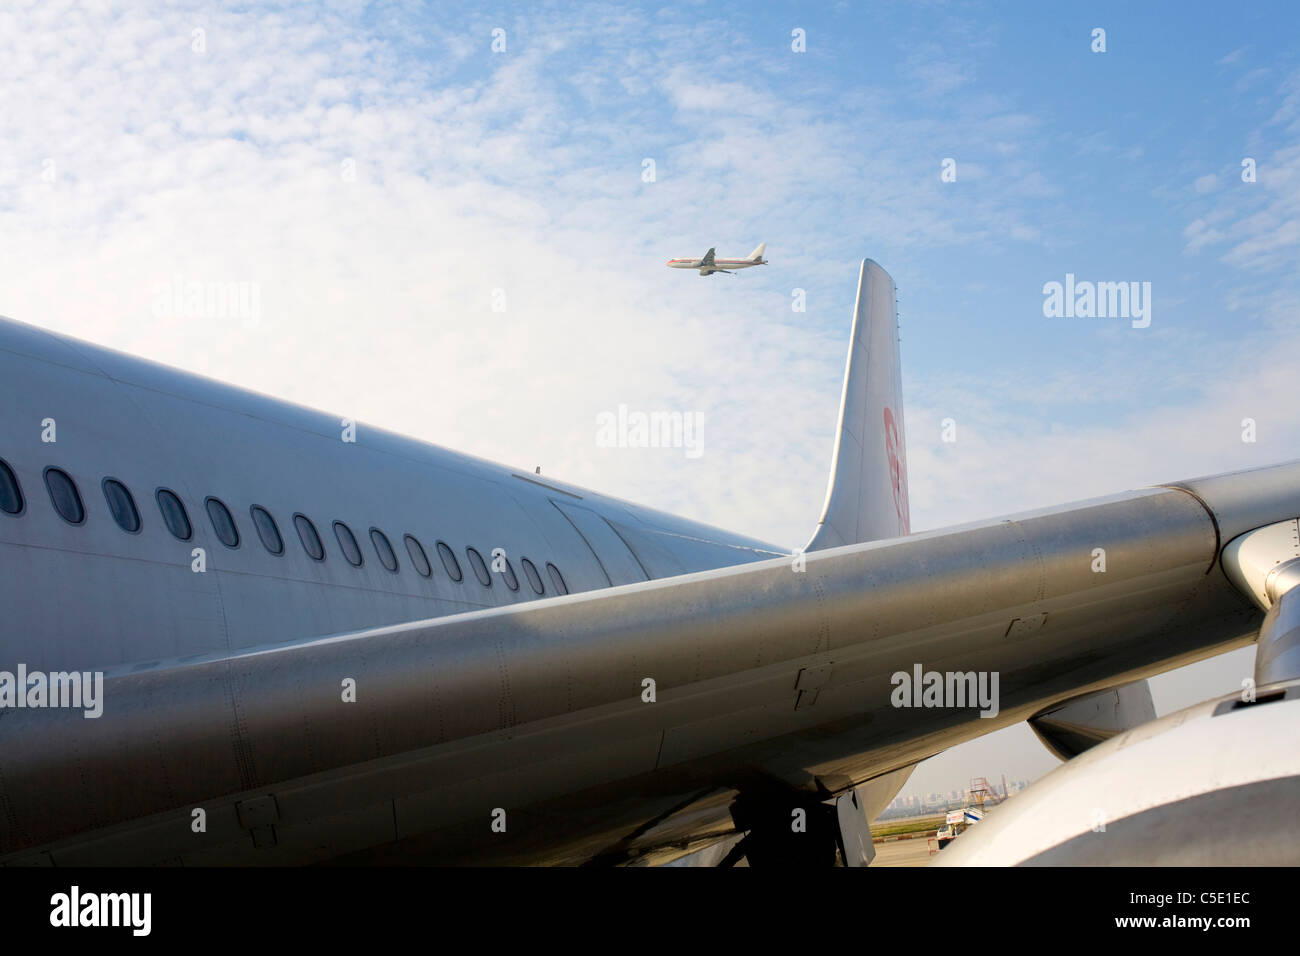 Portrait d'aéronefs avec un avion contre le ciel bleu et nuages Photo Stock